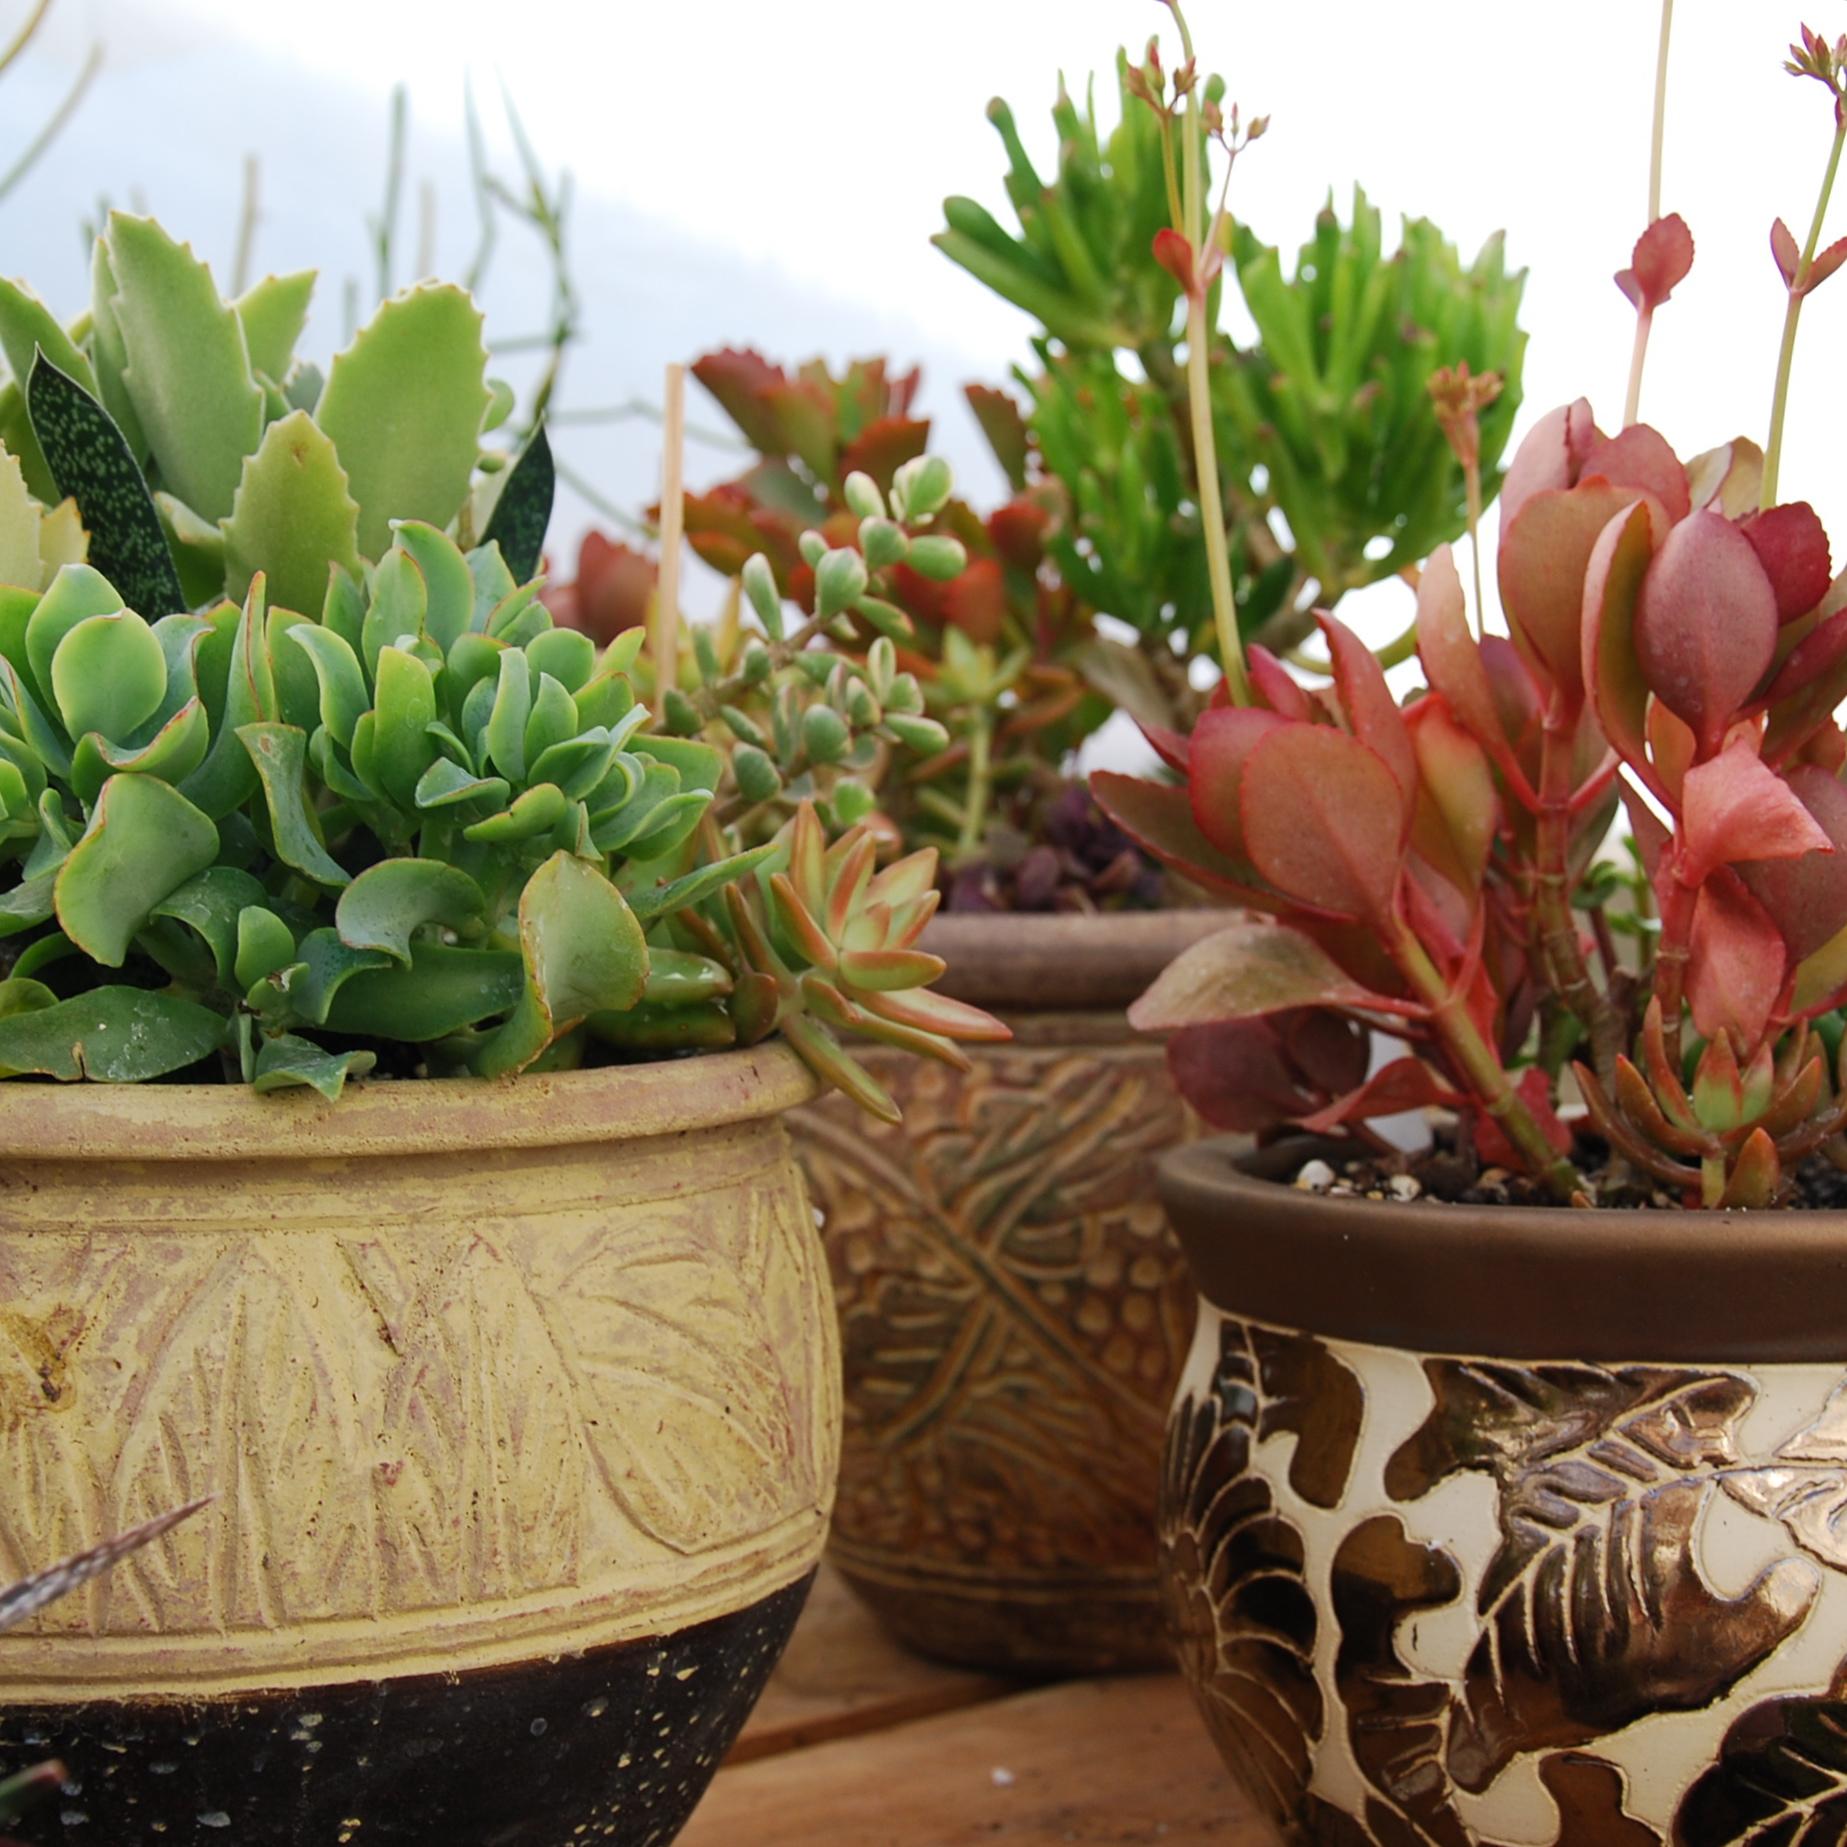 Succulent varieties in ceramic containers